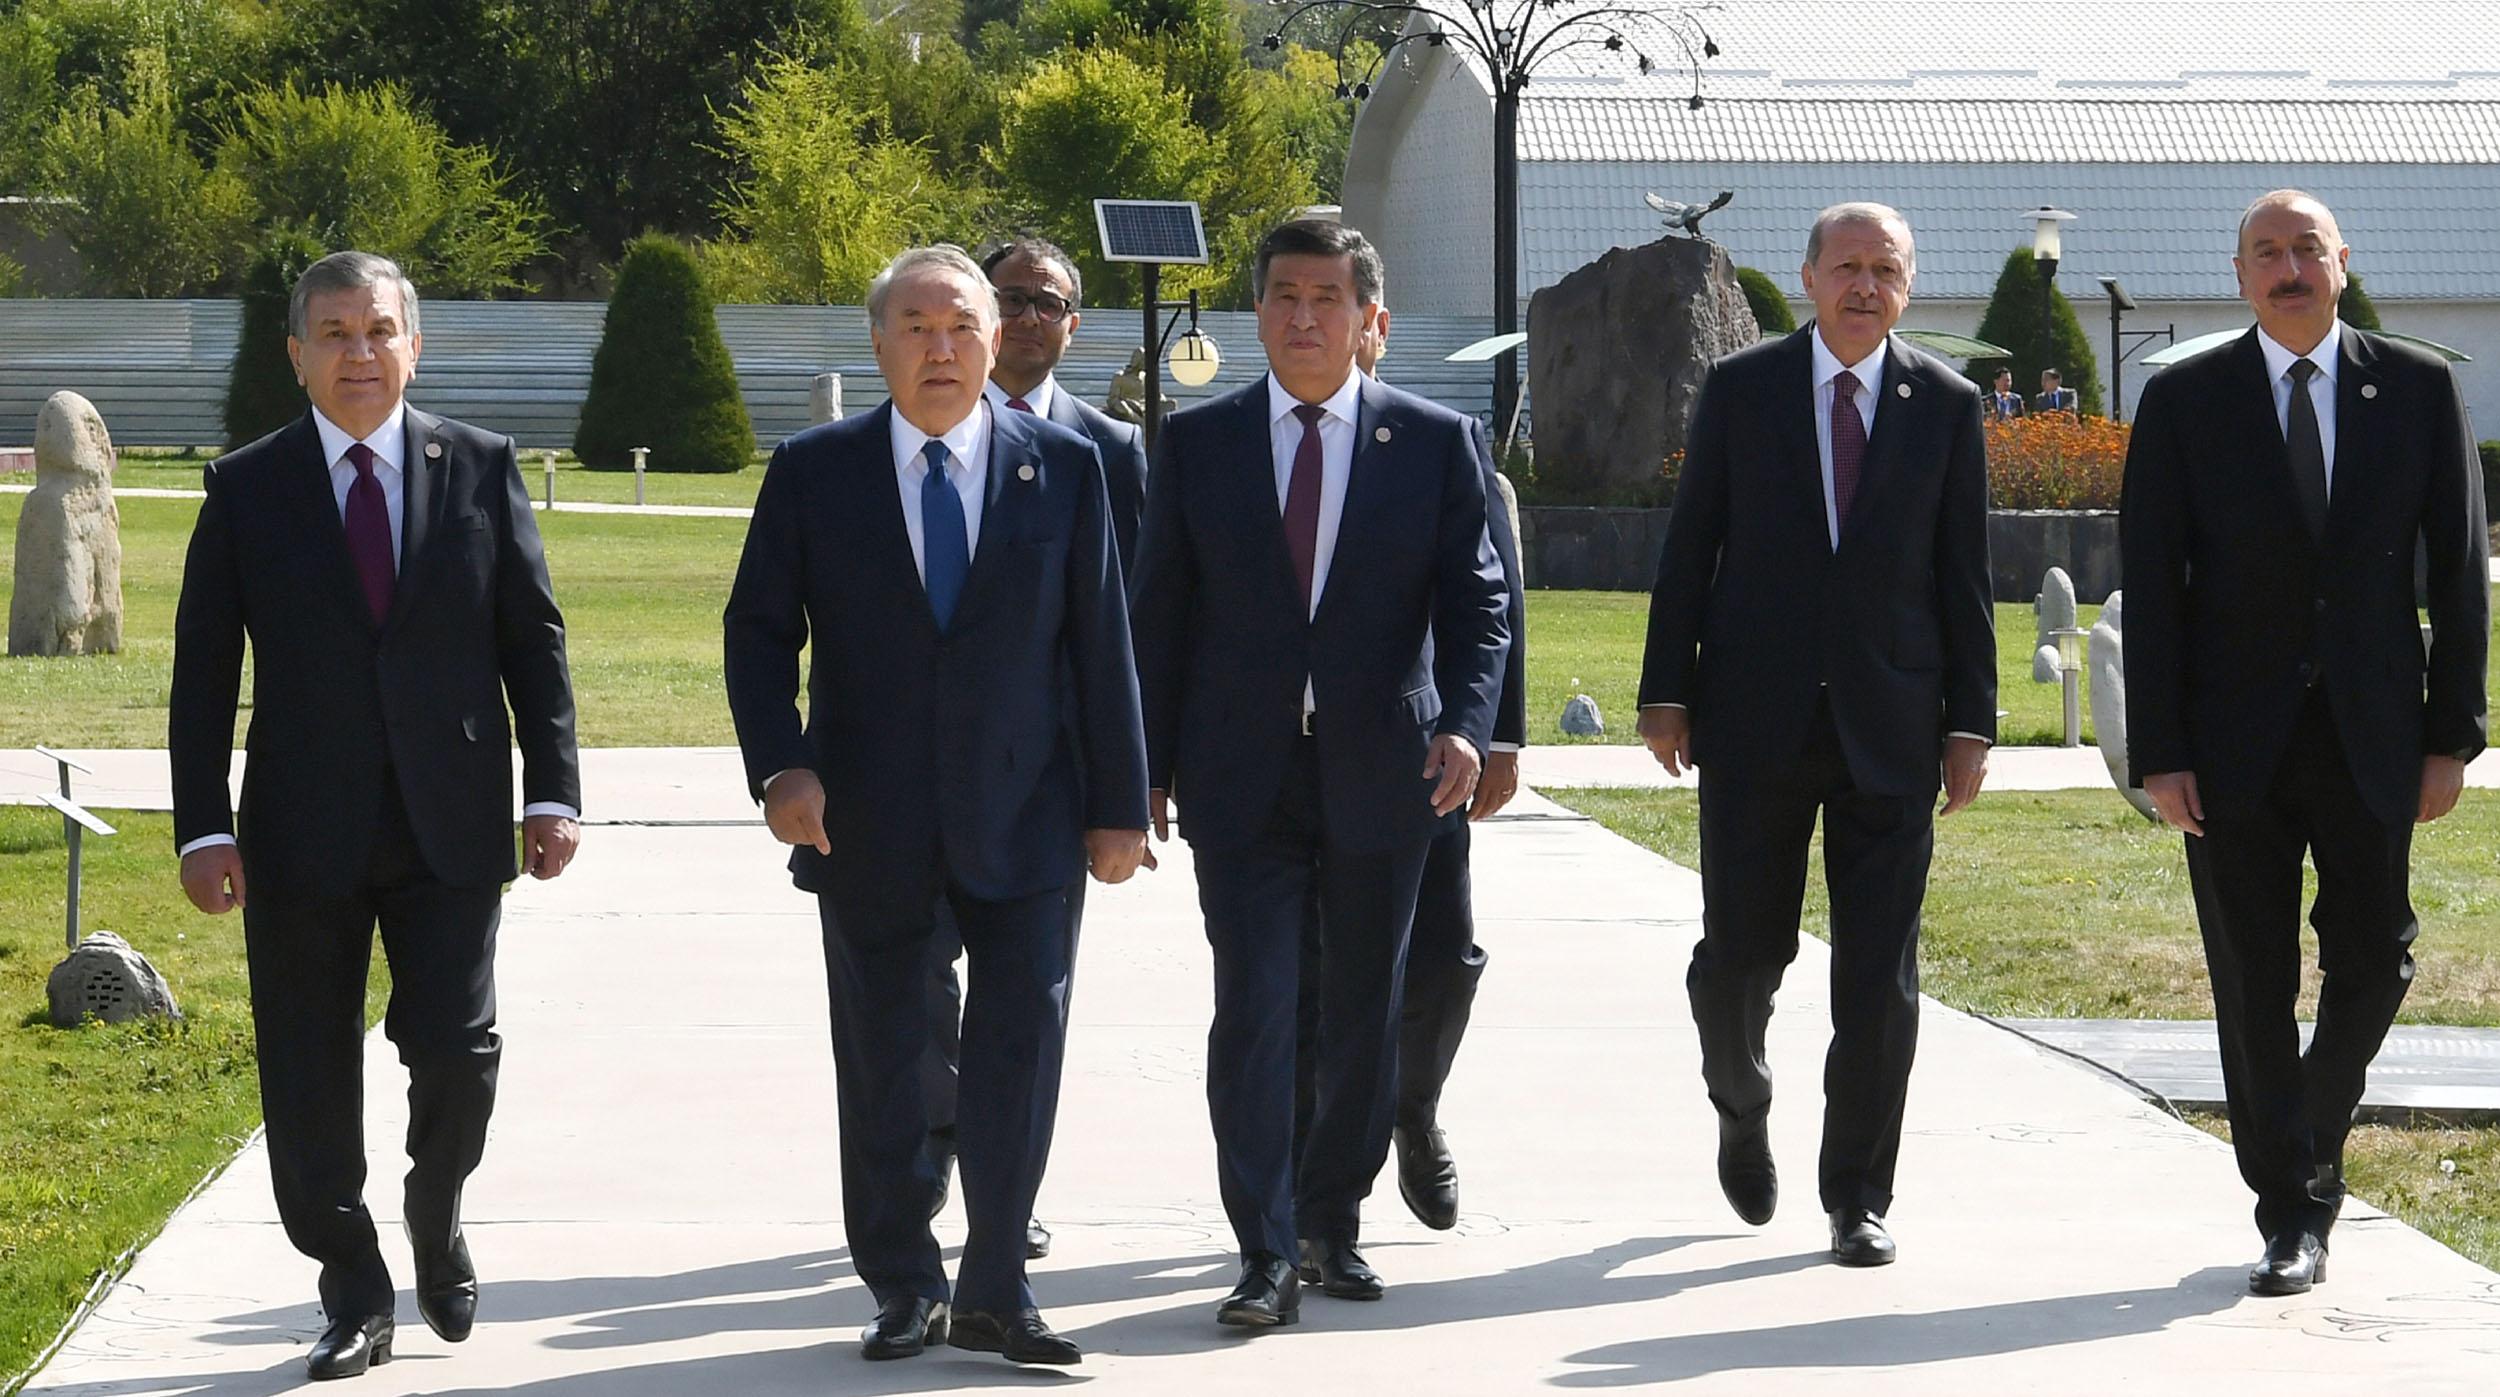 Назарбаев выступает за всесторонние меры в борьбе с терроризмом, неконтролируемой миграцией, наркоторговлей